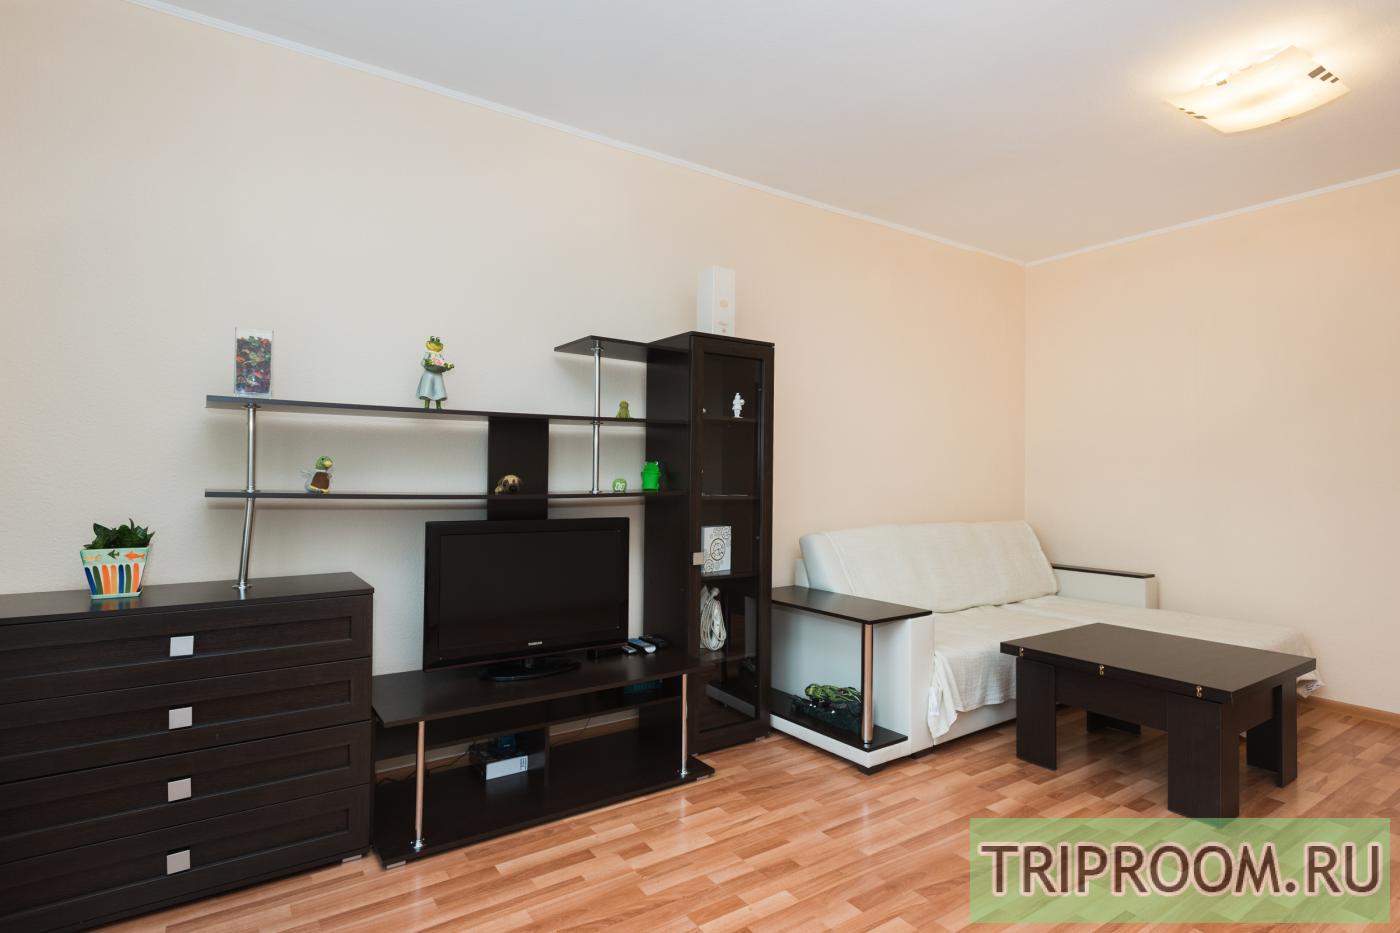 2-комнатная квартира посуточно (вариант № 11950), ул. Шейнкмана улица, фото № 3